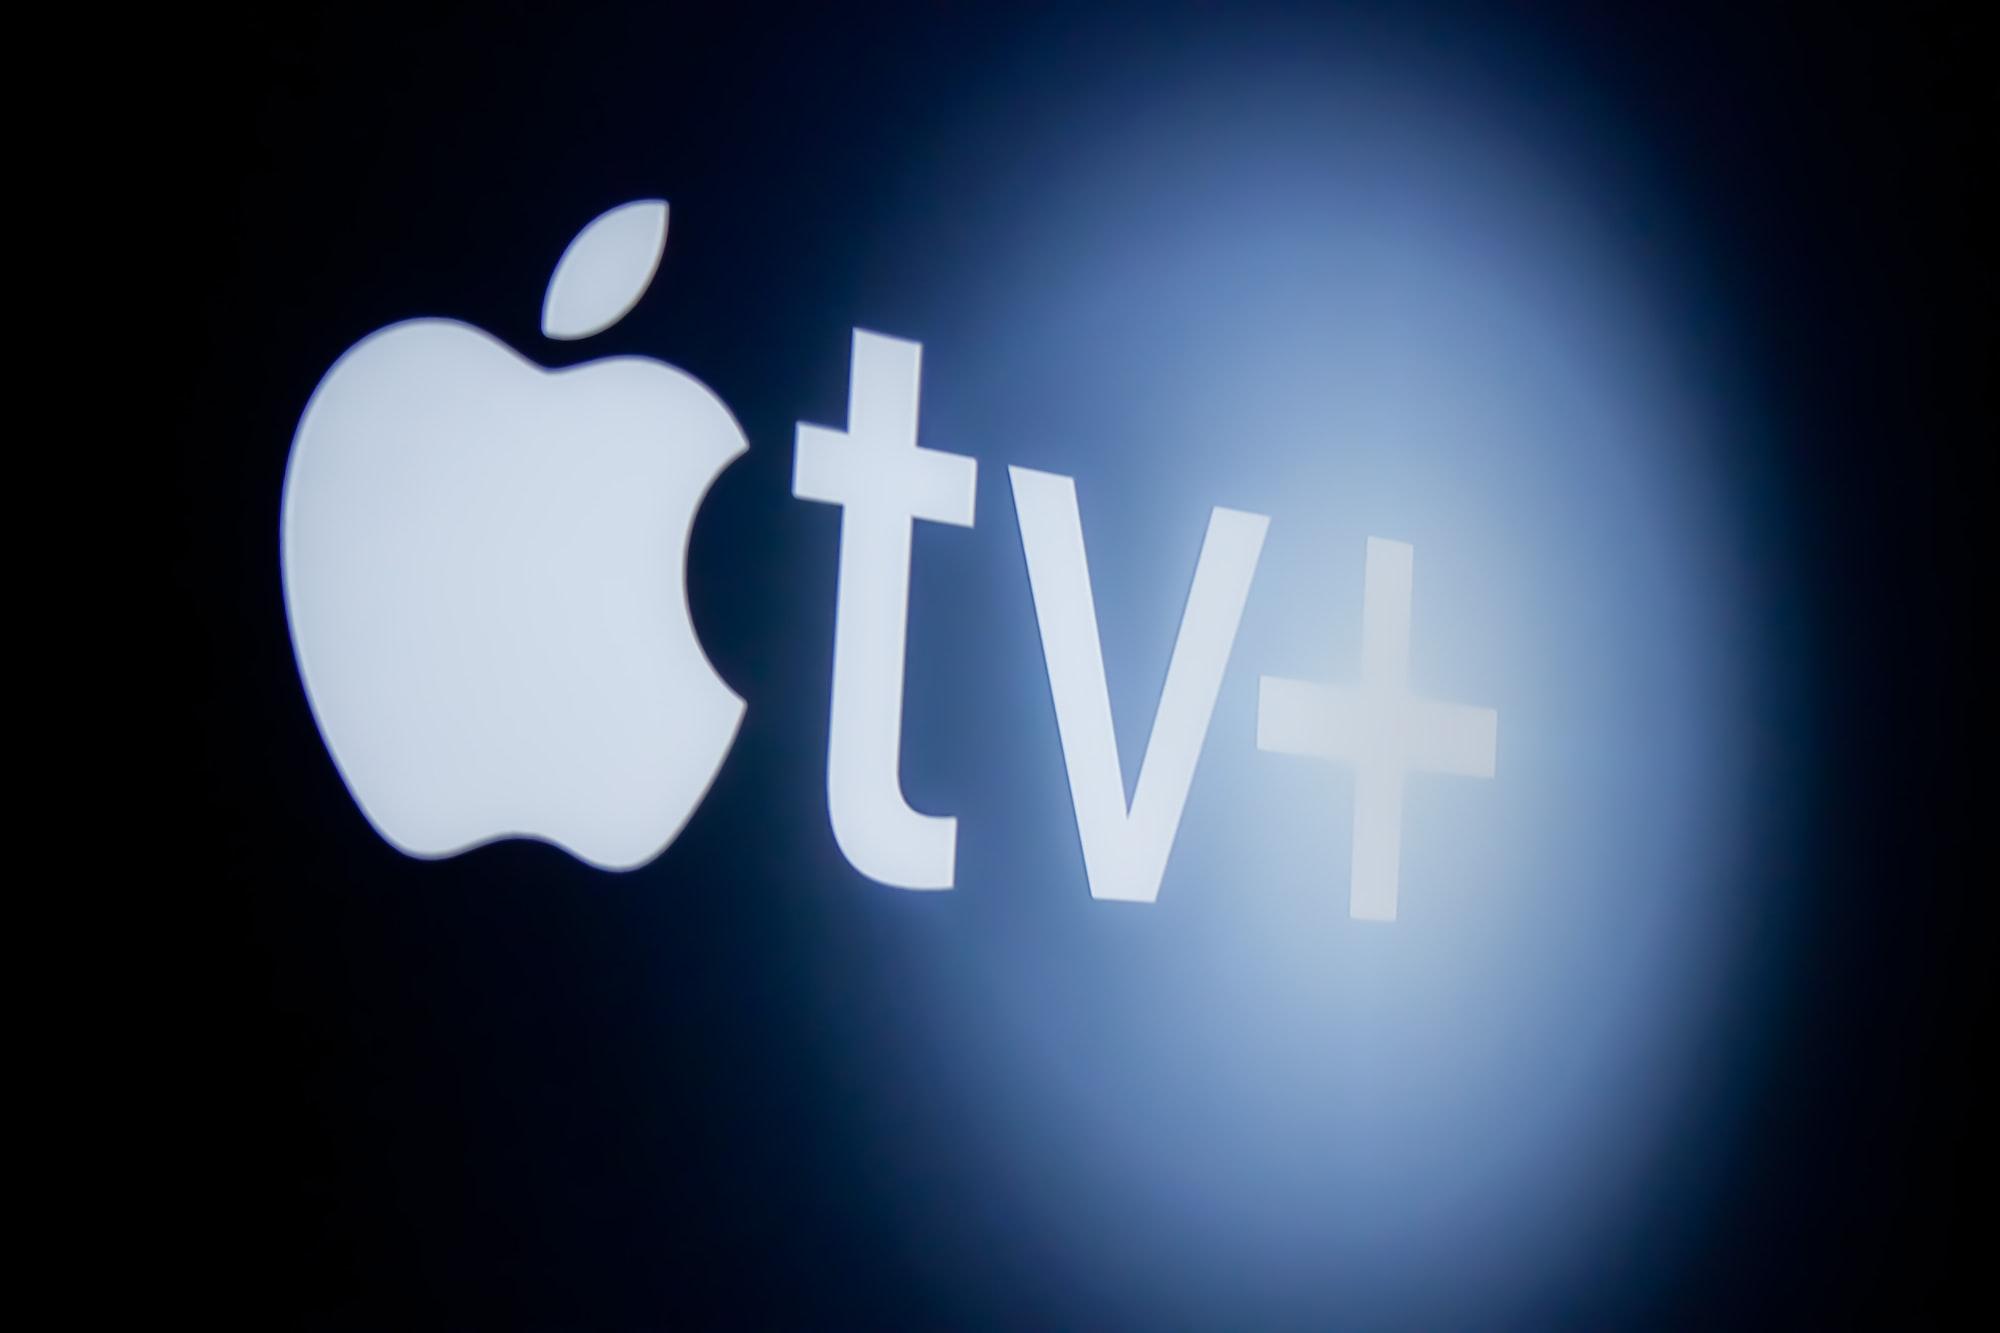 Apple сообщила Международному альянсу работников театральной сцены, что у Apple TV+ чуть меньше 20 миллионов подписчиков